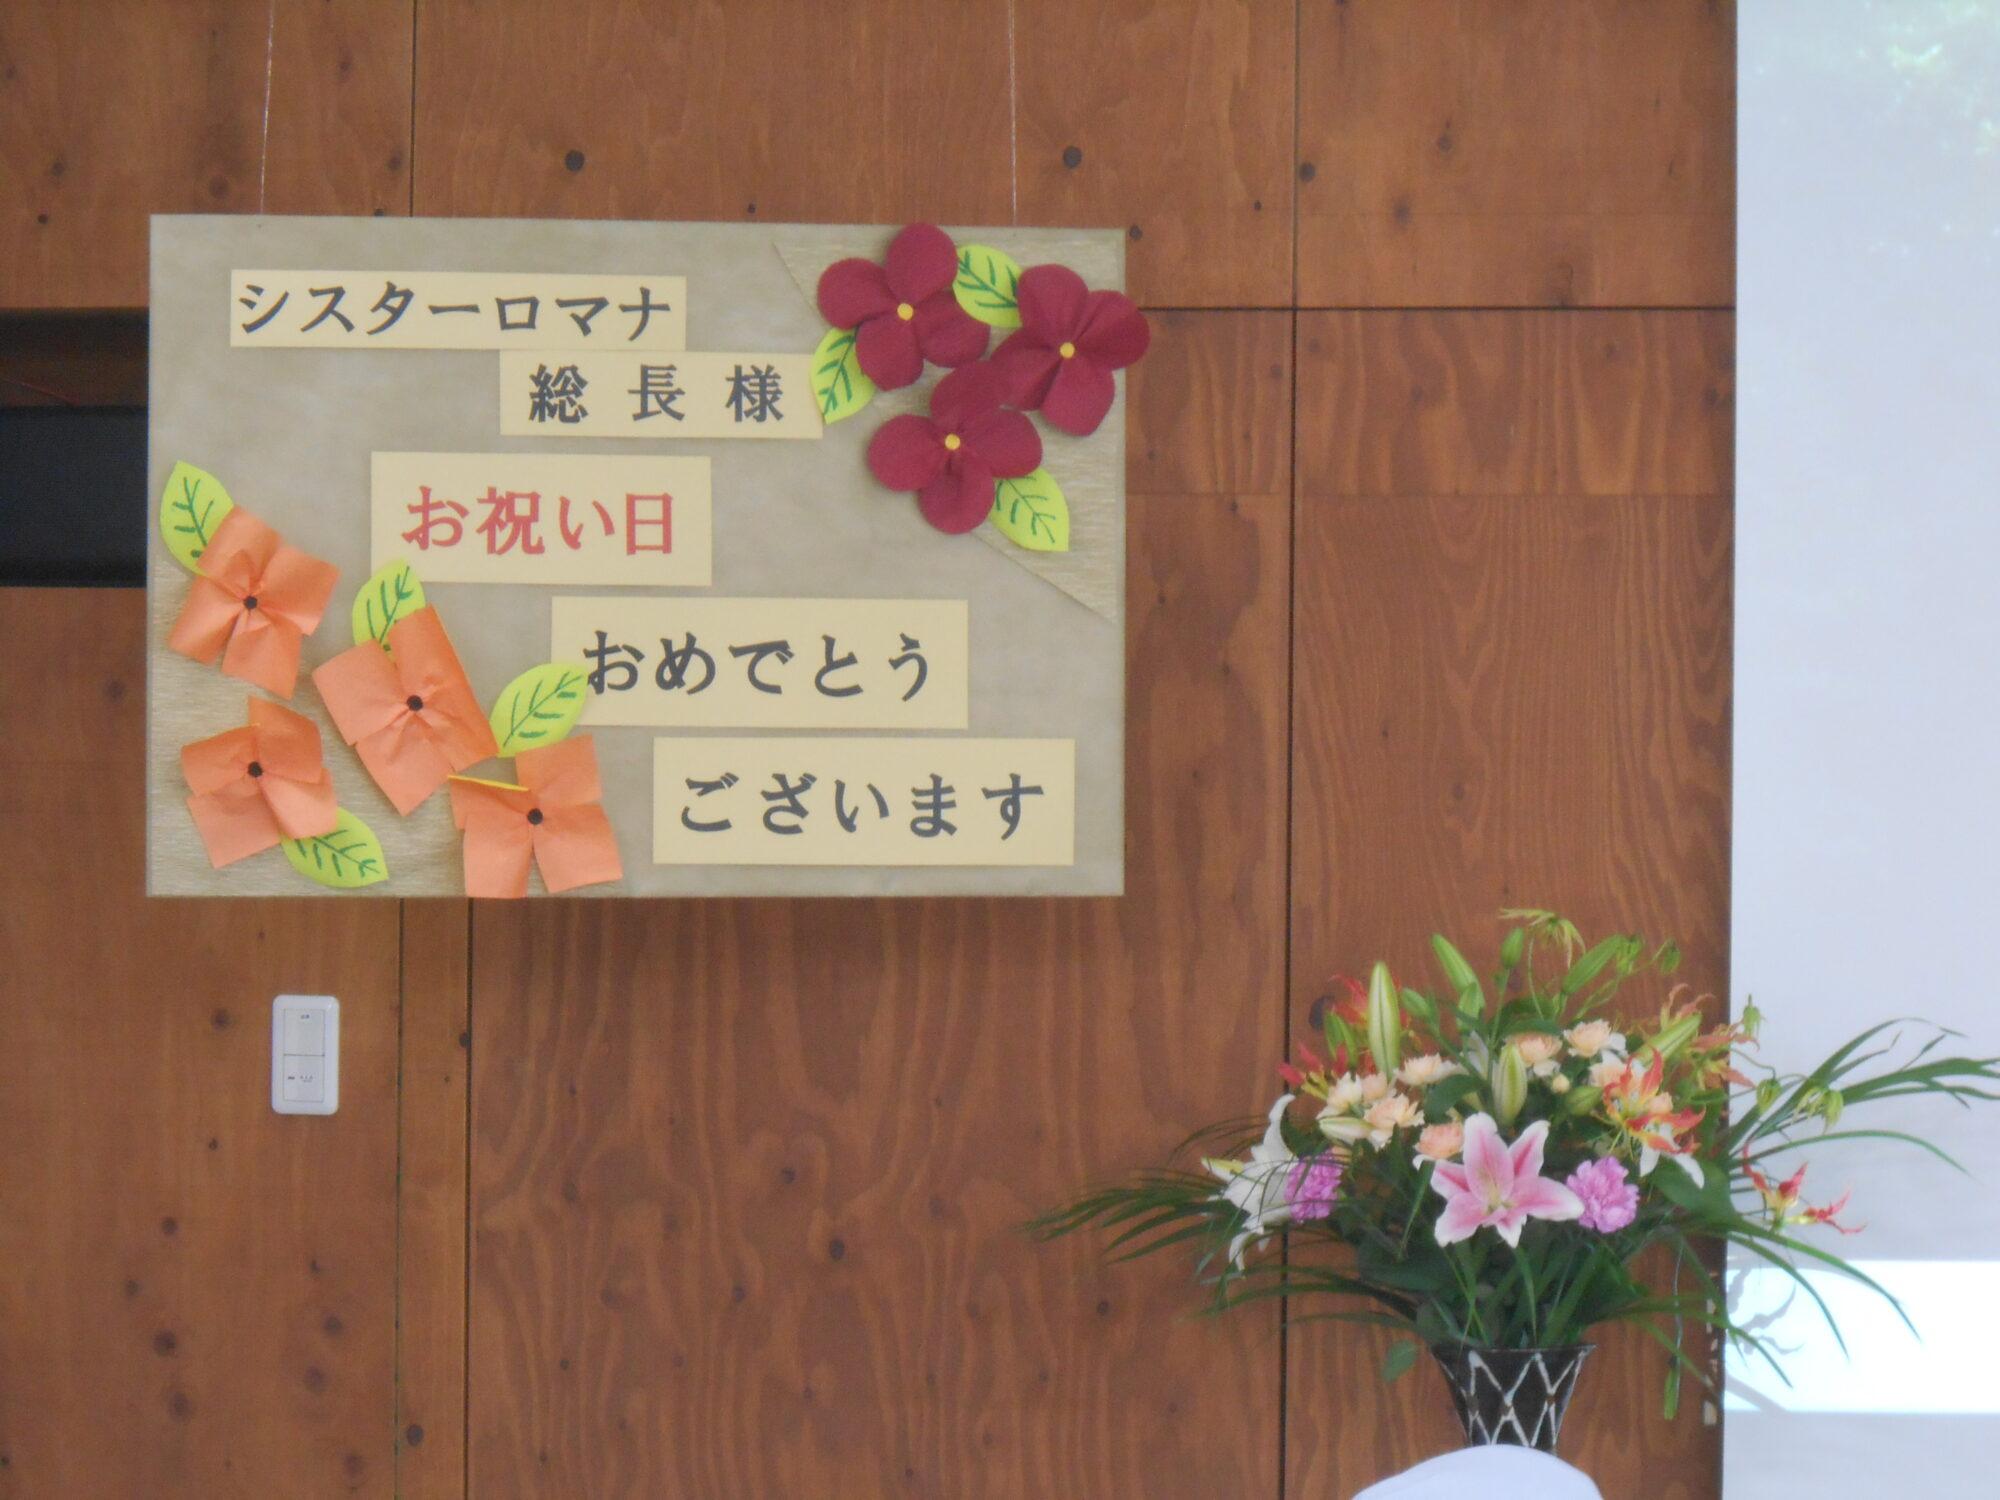 9月4日(土)総長様のお祝い in 中野地区